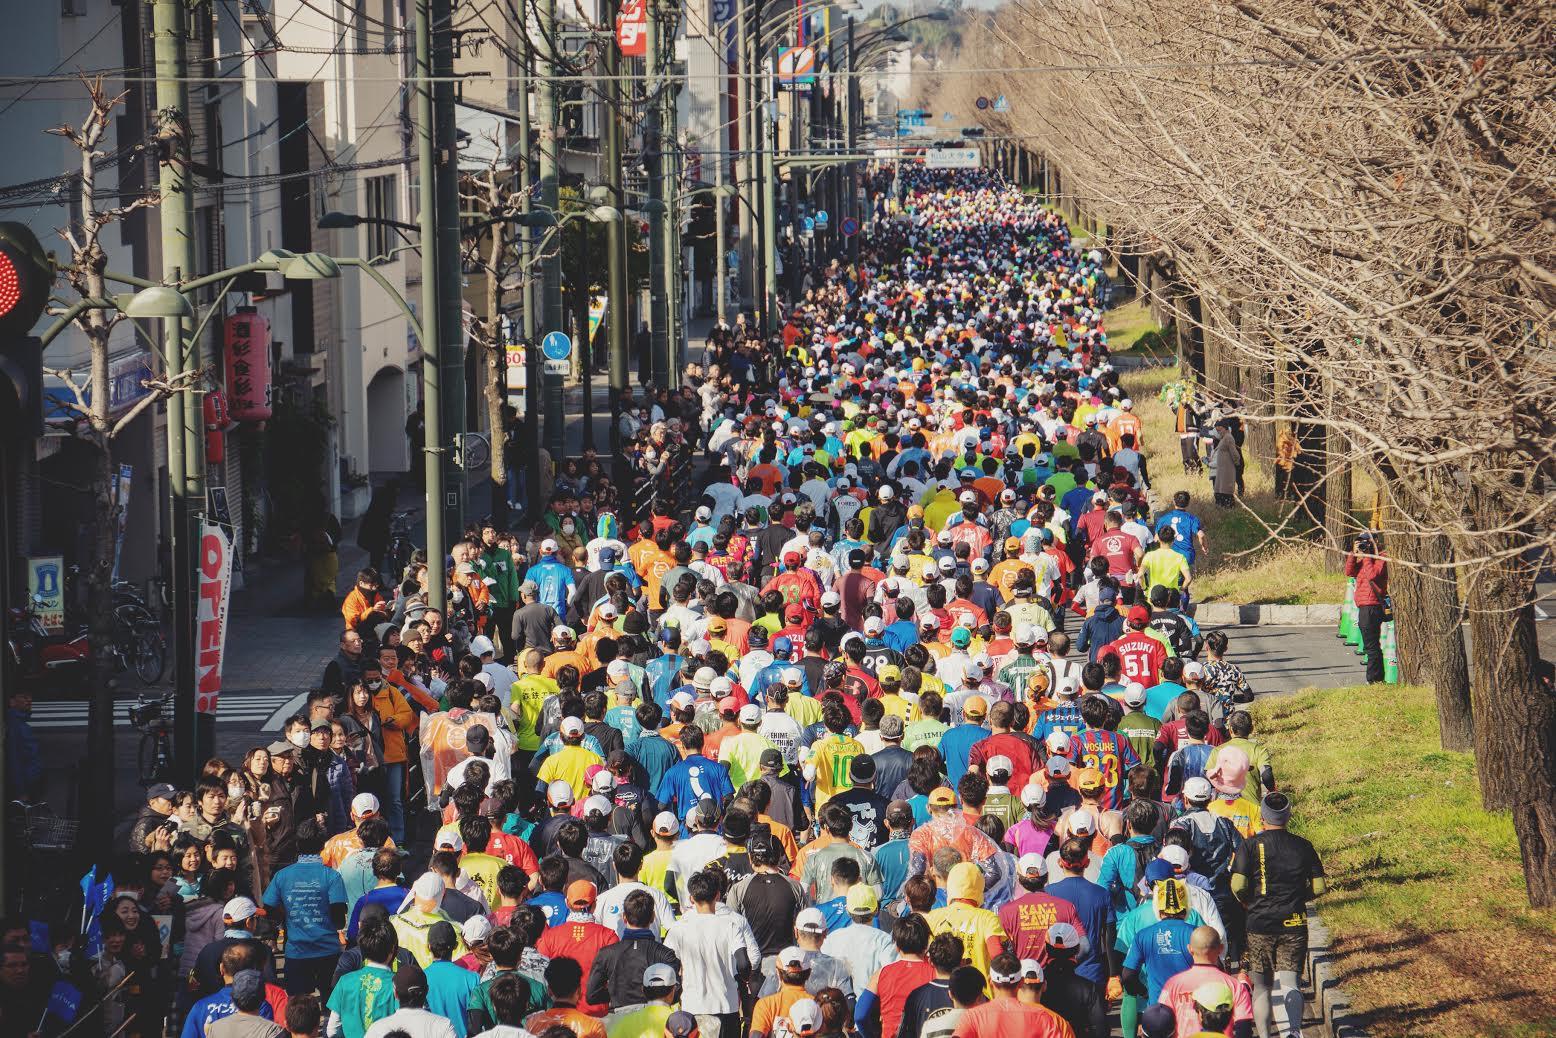 Facebookに「日本有数の市民マラソン!いよいよ!」の記事を投稿しました